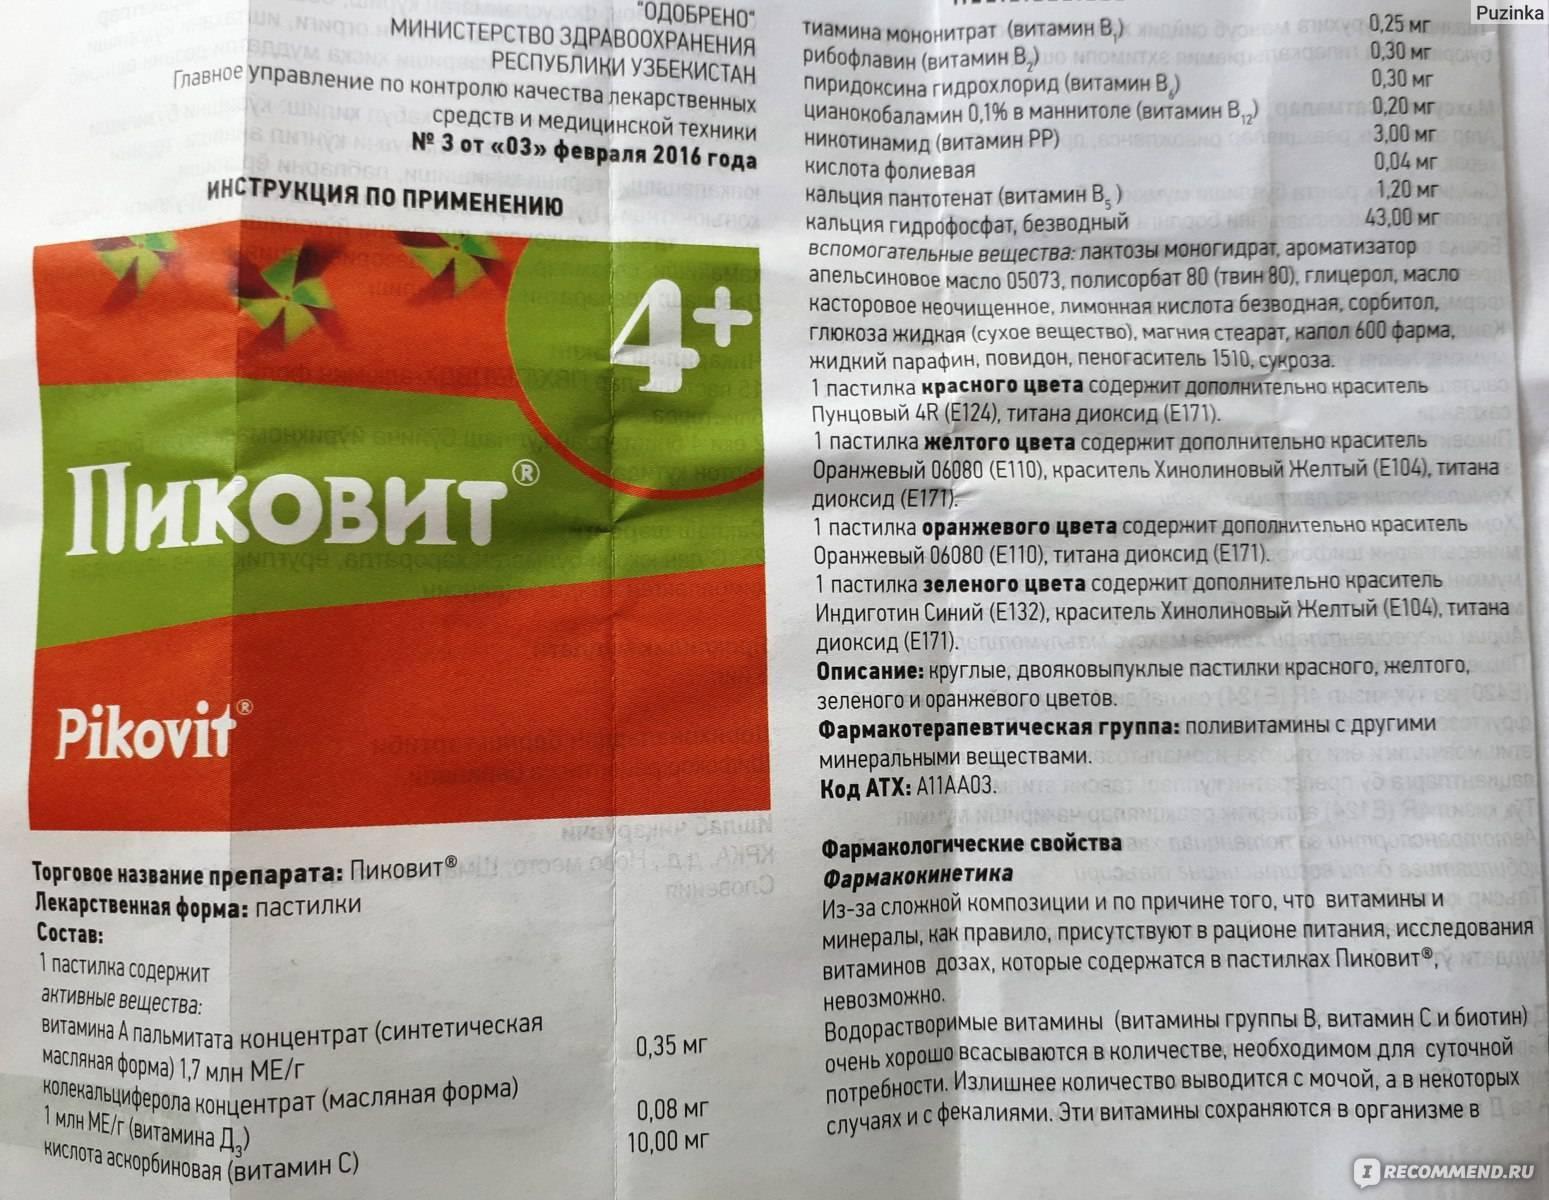 Пиковит для детей от 1 года инструкция по применению. витамины серии «пиковит»: инструкция по применению, цена и отзывы